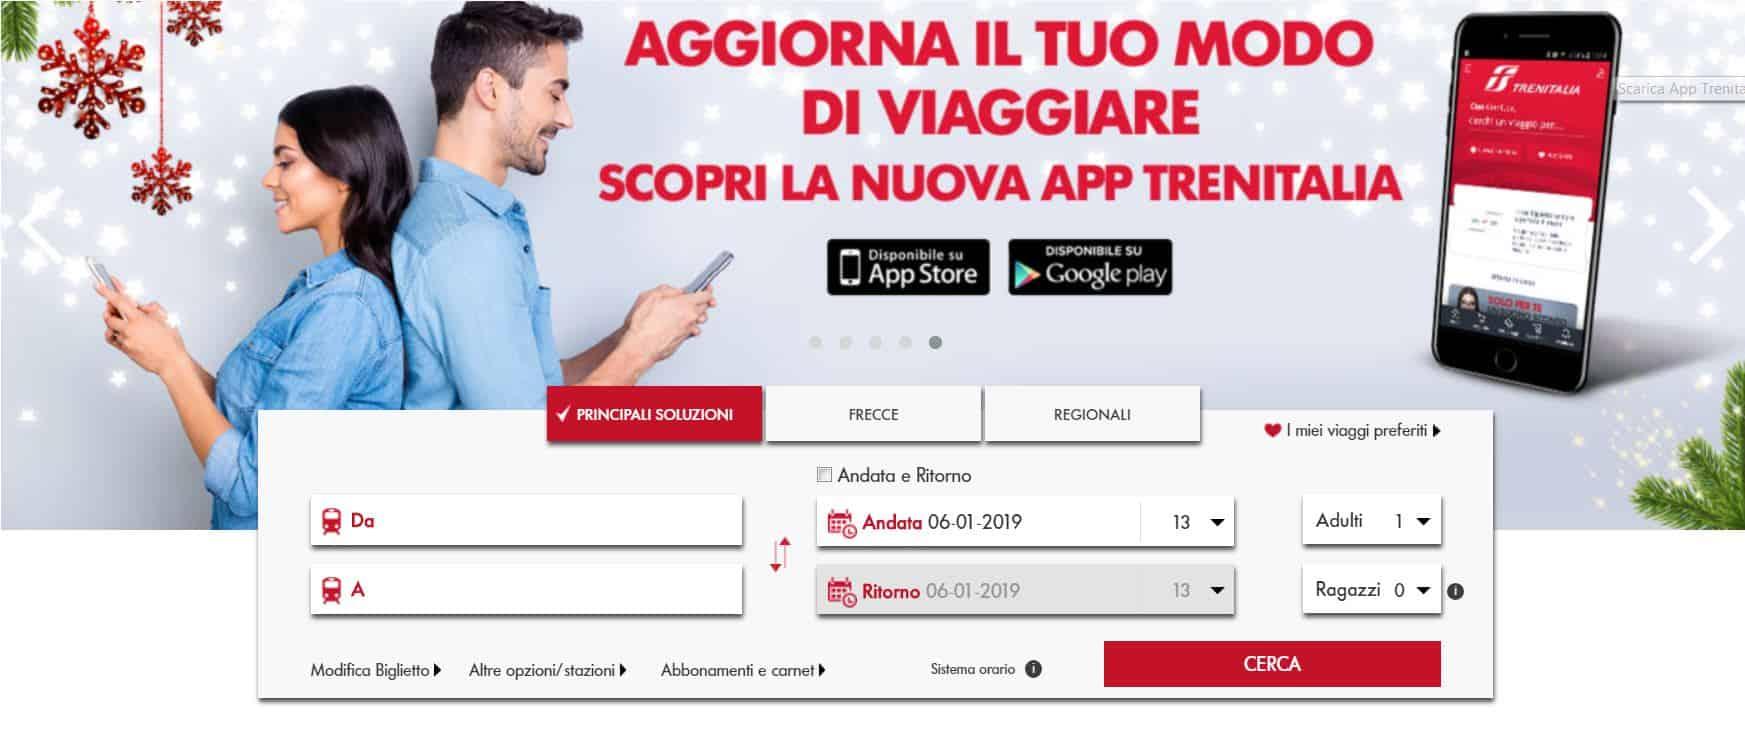 موقع حجز تذاكر القطار في إيطاليا